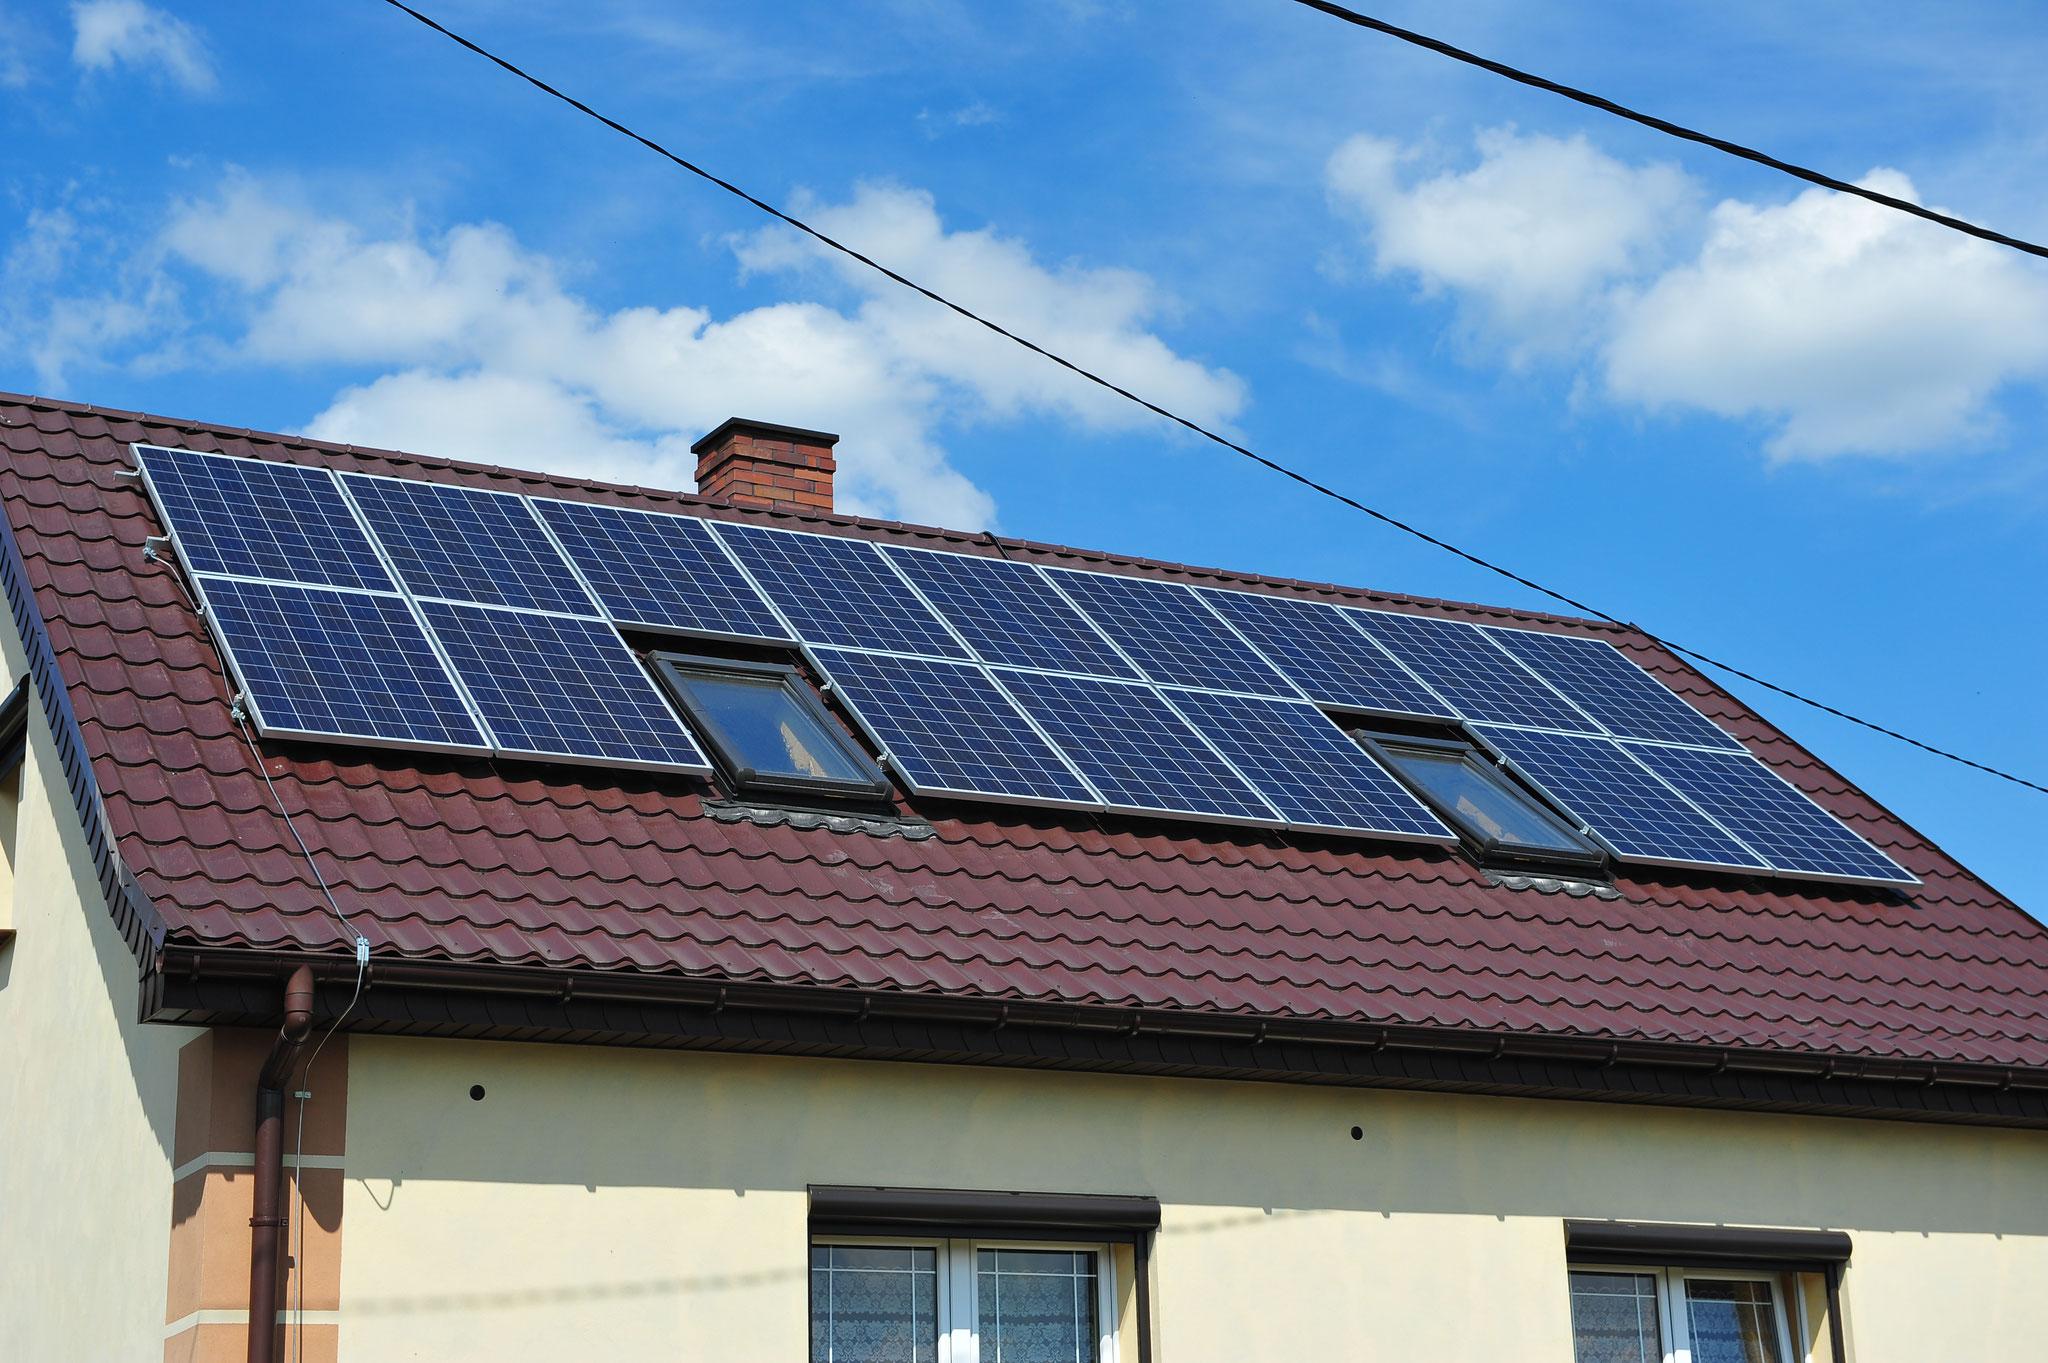 instalacja rocznie zaoszczędzi 1,6 t CO2 w roku.